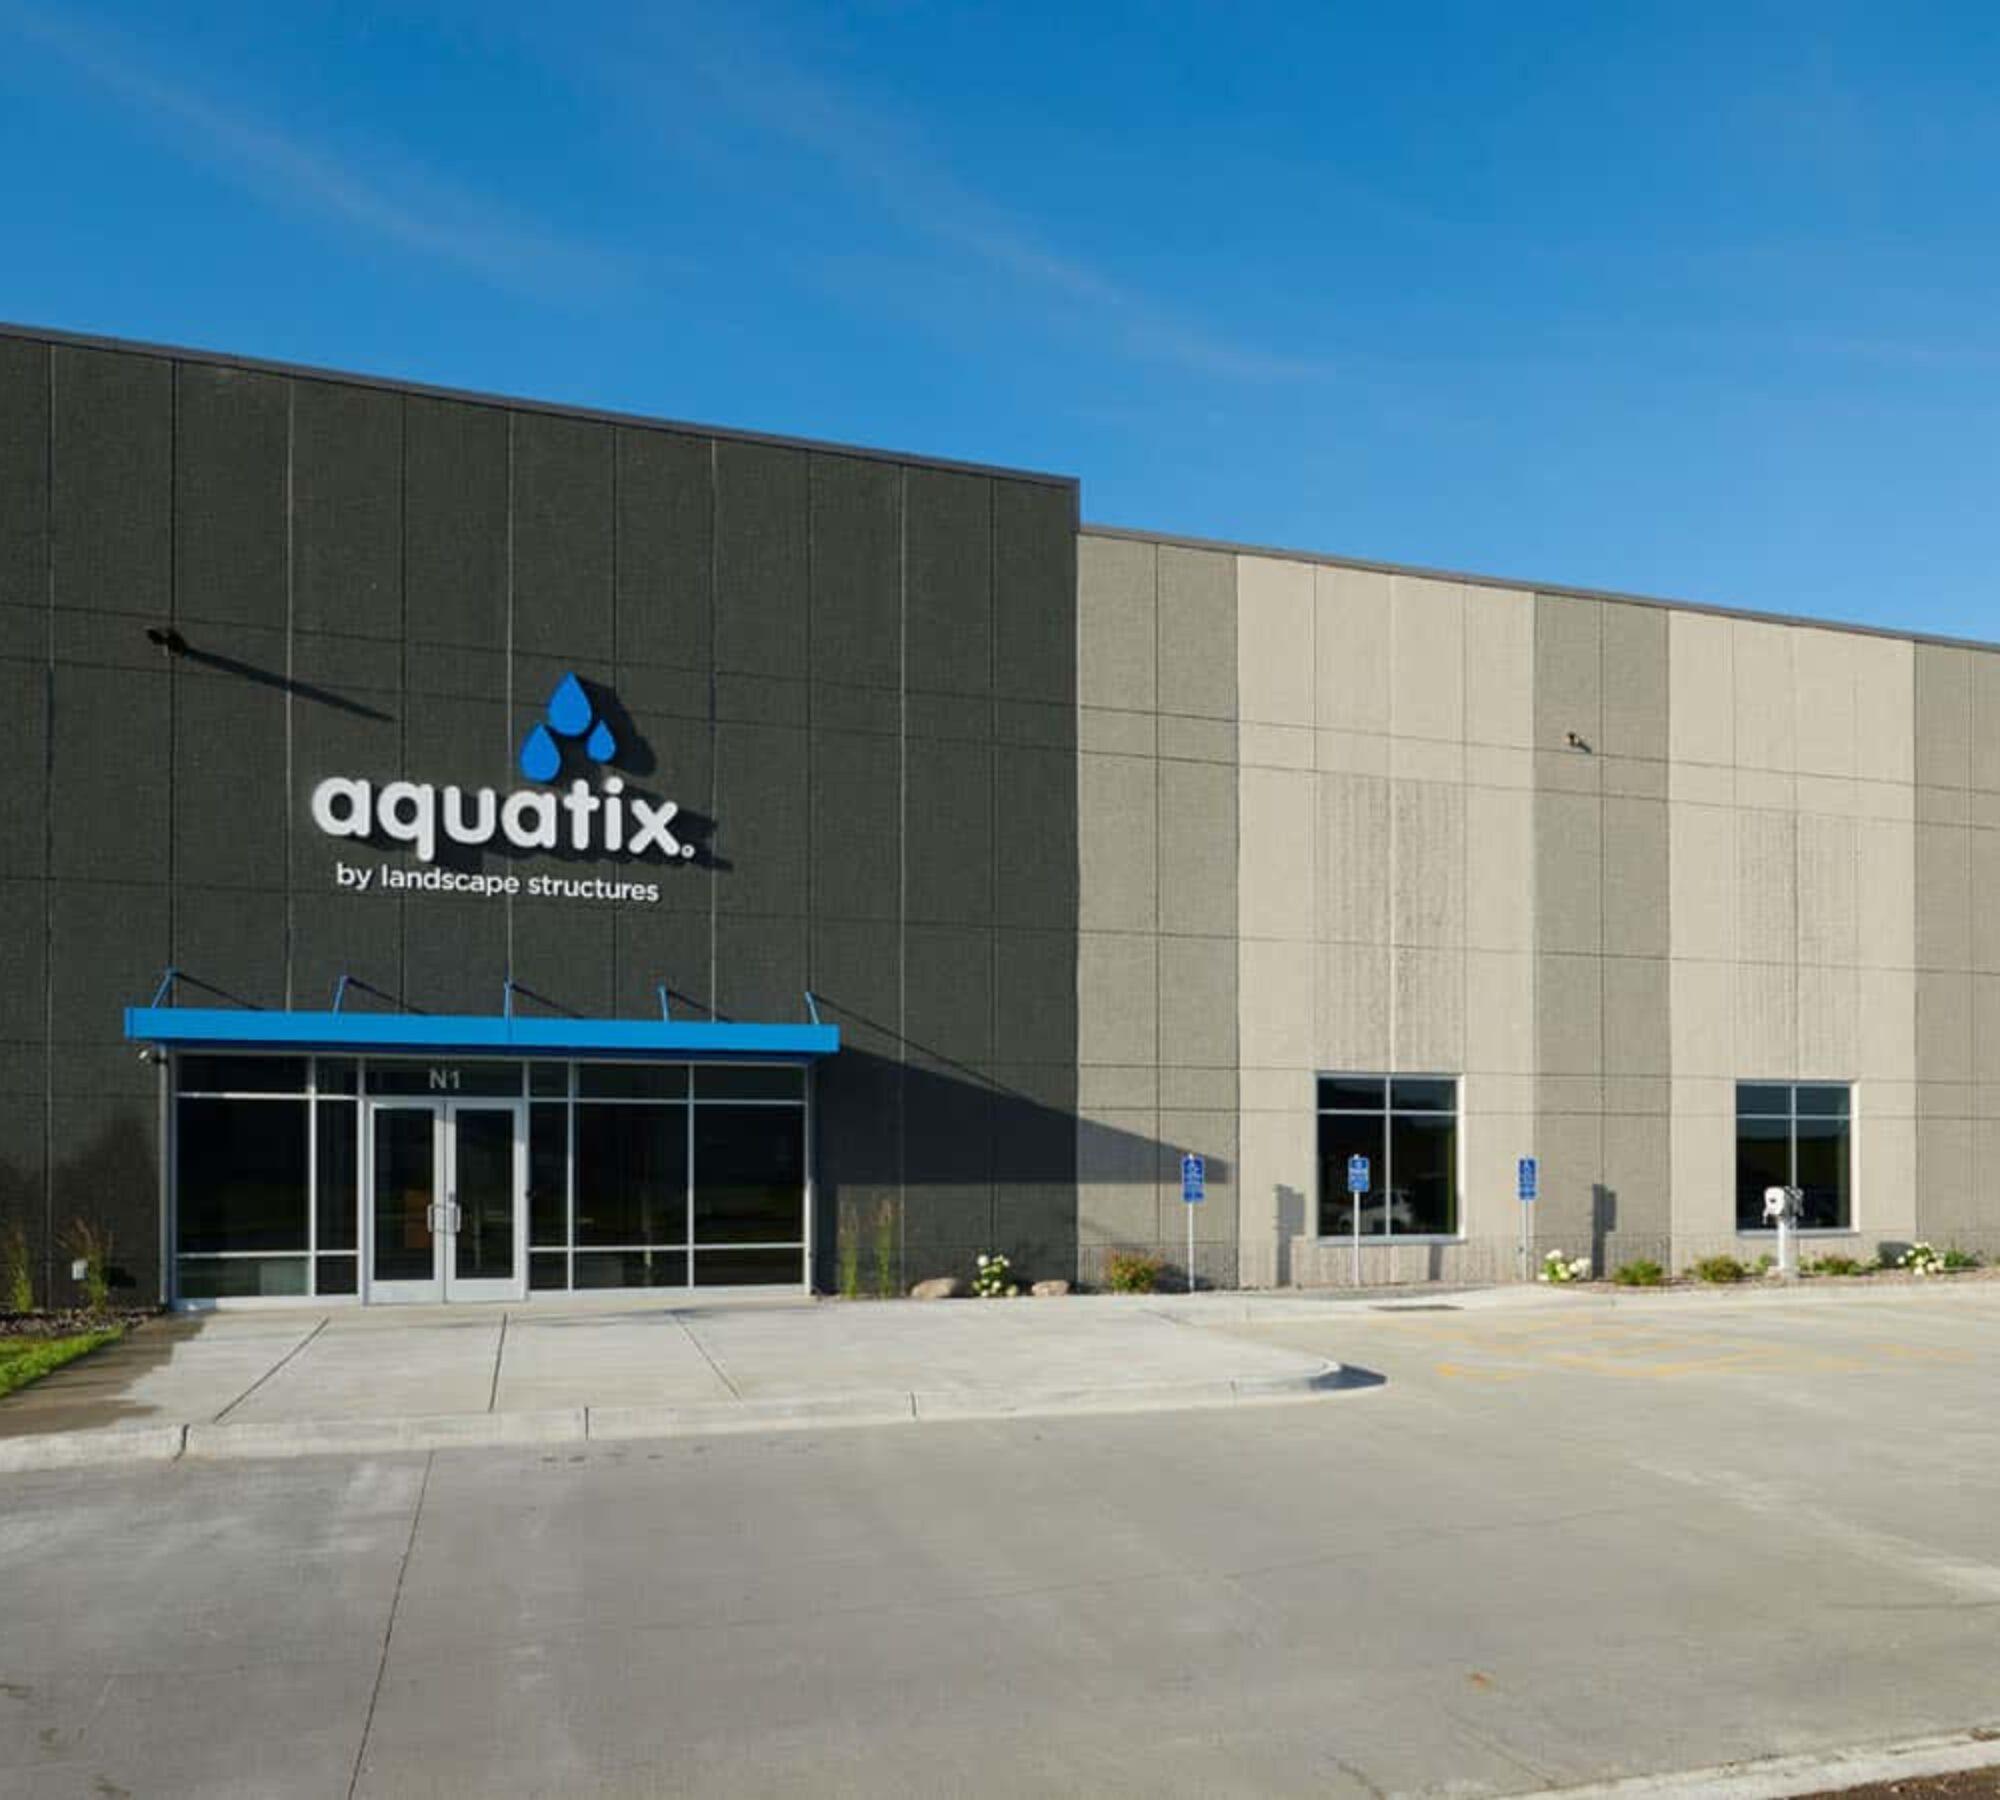 Aquatix by Landscape Structures